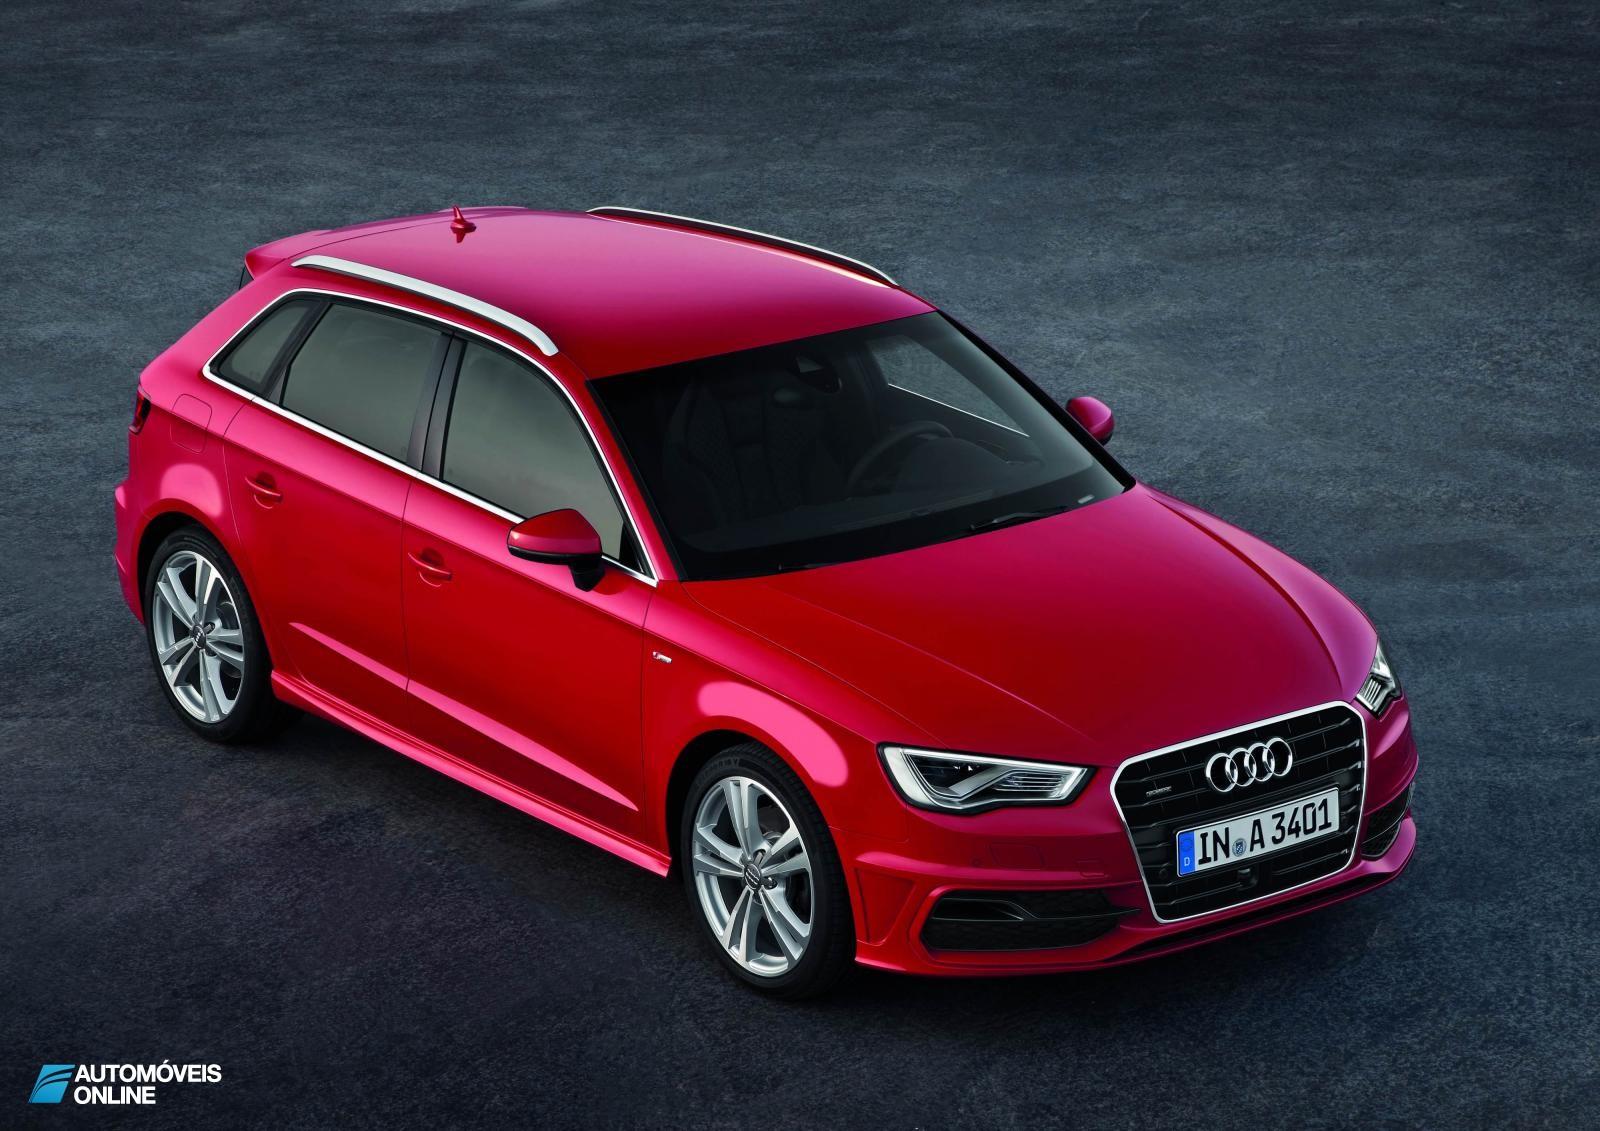 Vídeo! Novo Audi A3 Sportback 2013